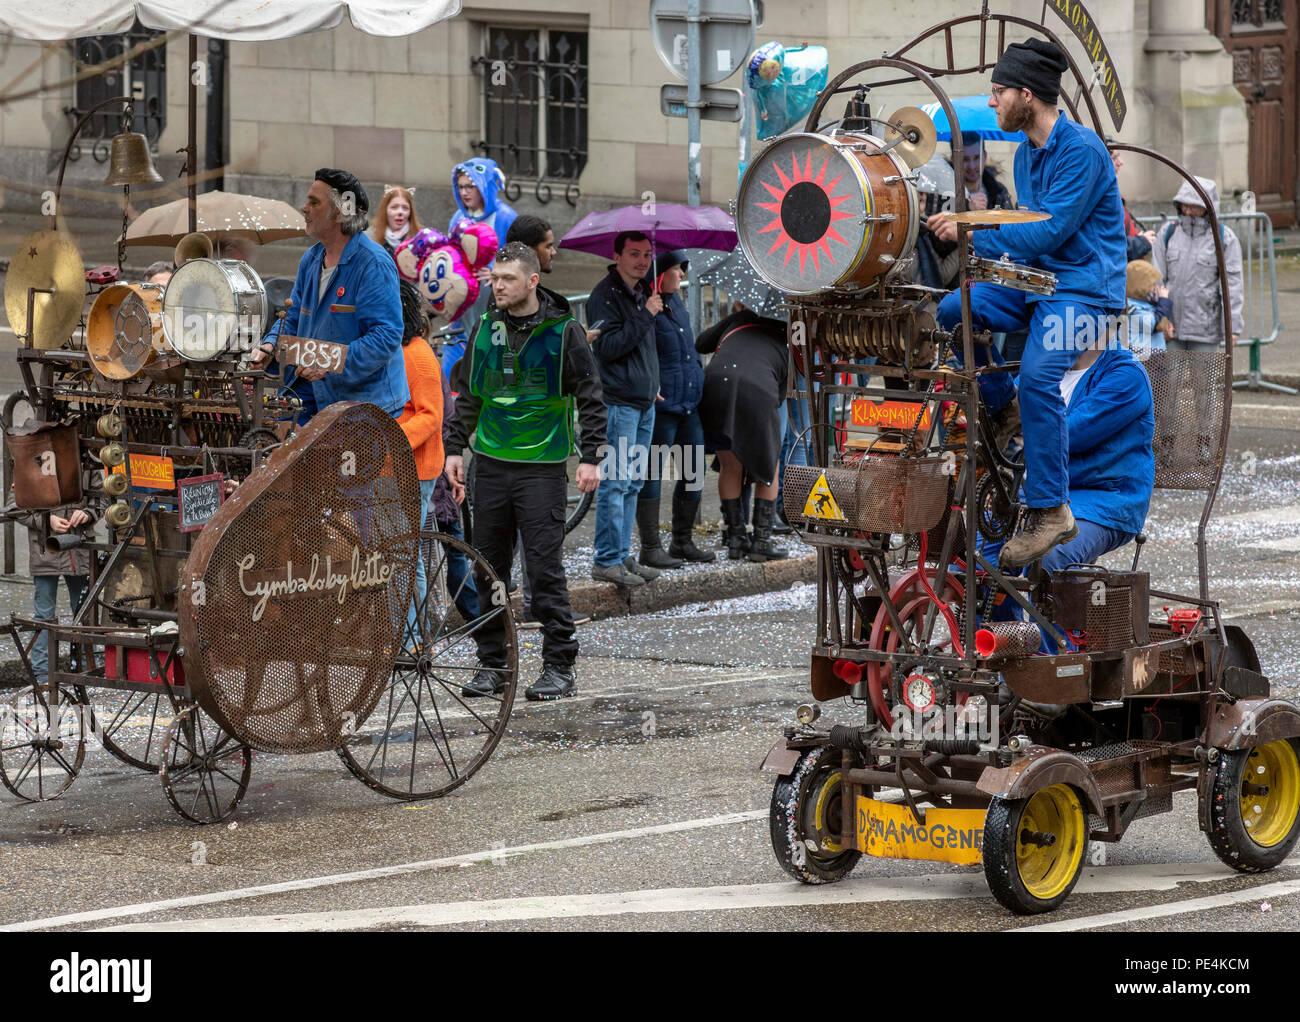 1859, 1952 Klaxonarion Cymbalobylette, mobile dynamogenic máquinas musicales, desfile de carnaval de Estrasburgo, Alsacia, Francia, Europa, Imagen De Stock